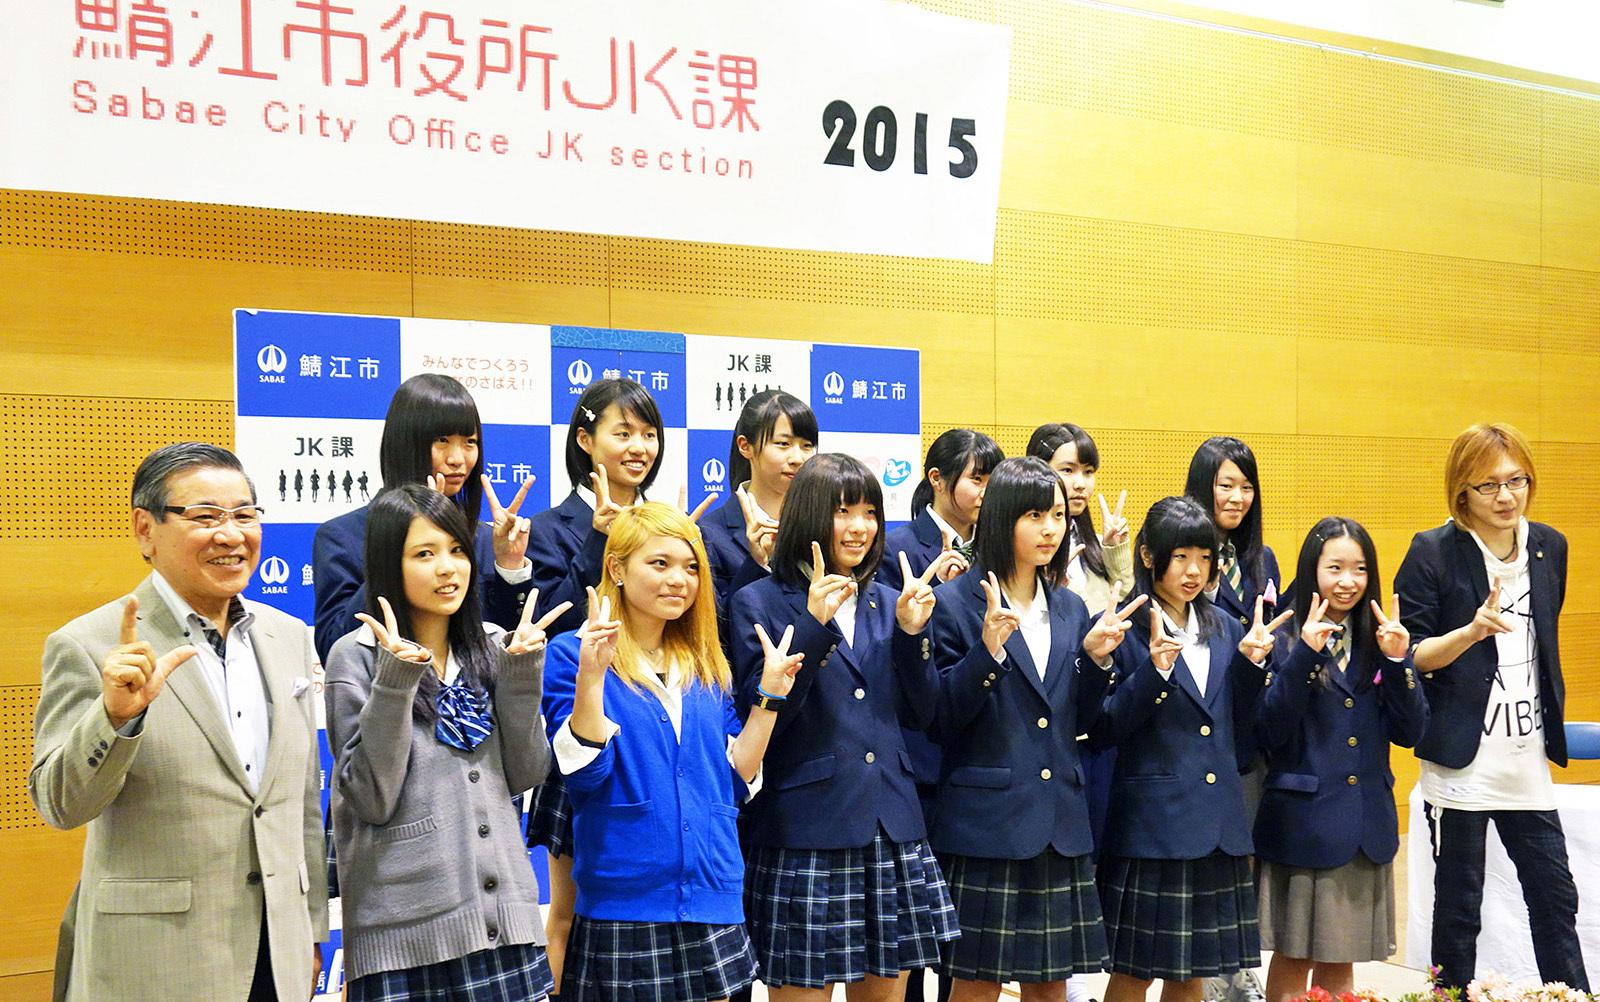 「鯖江市役所JK課」的圖片搜尋結果